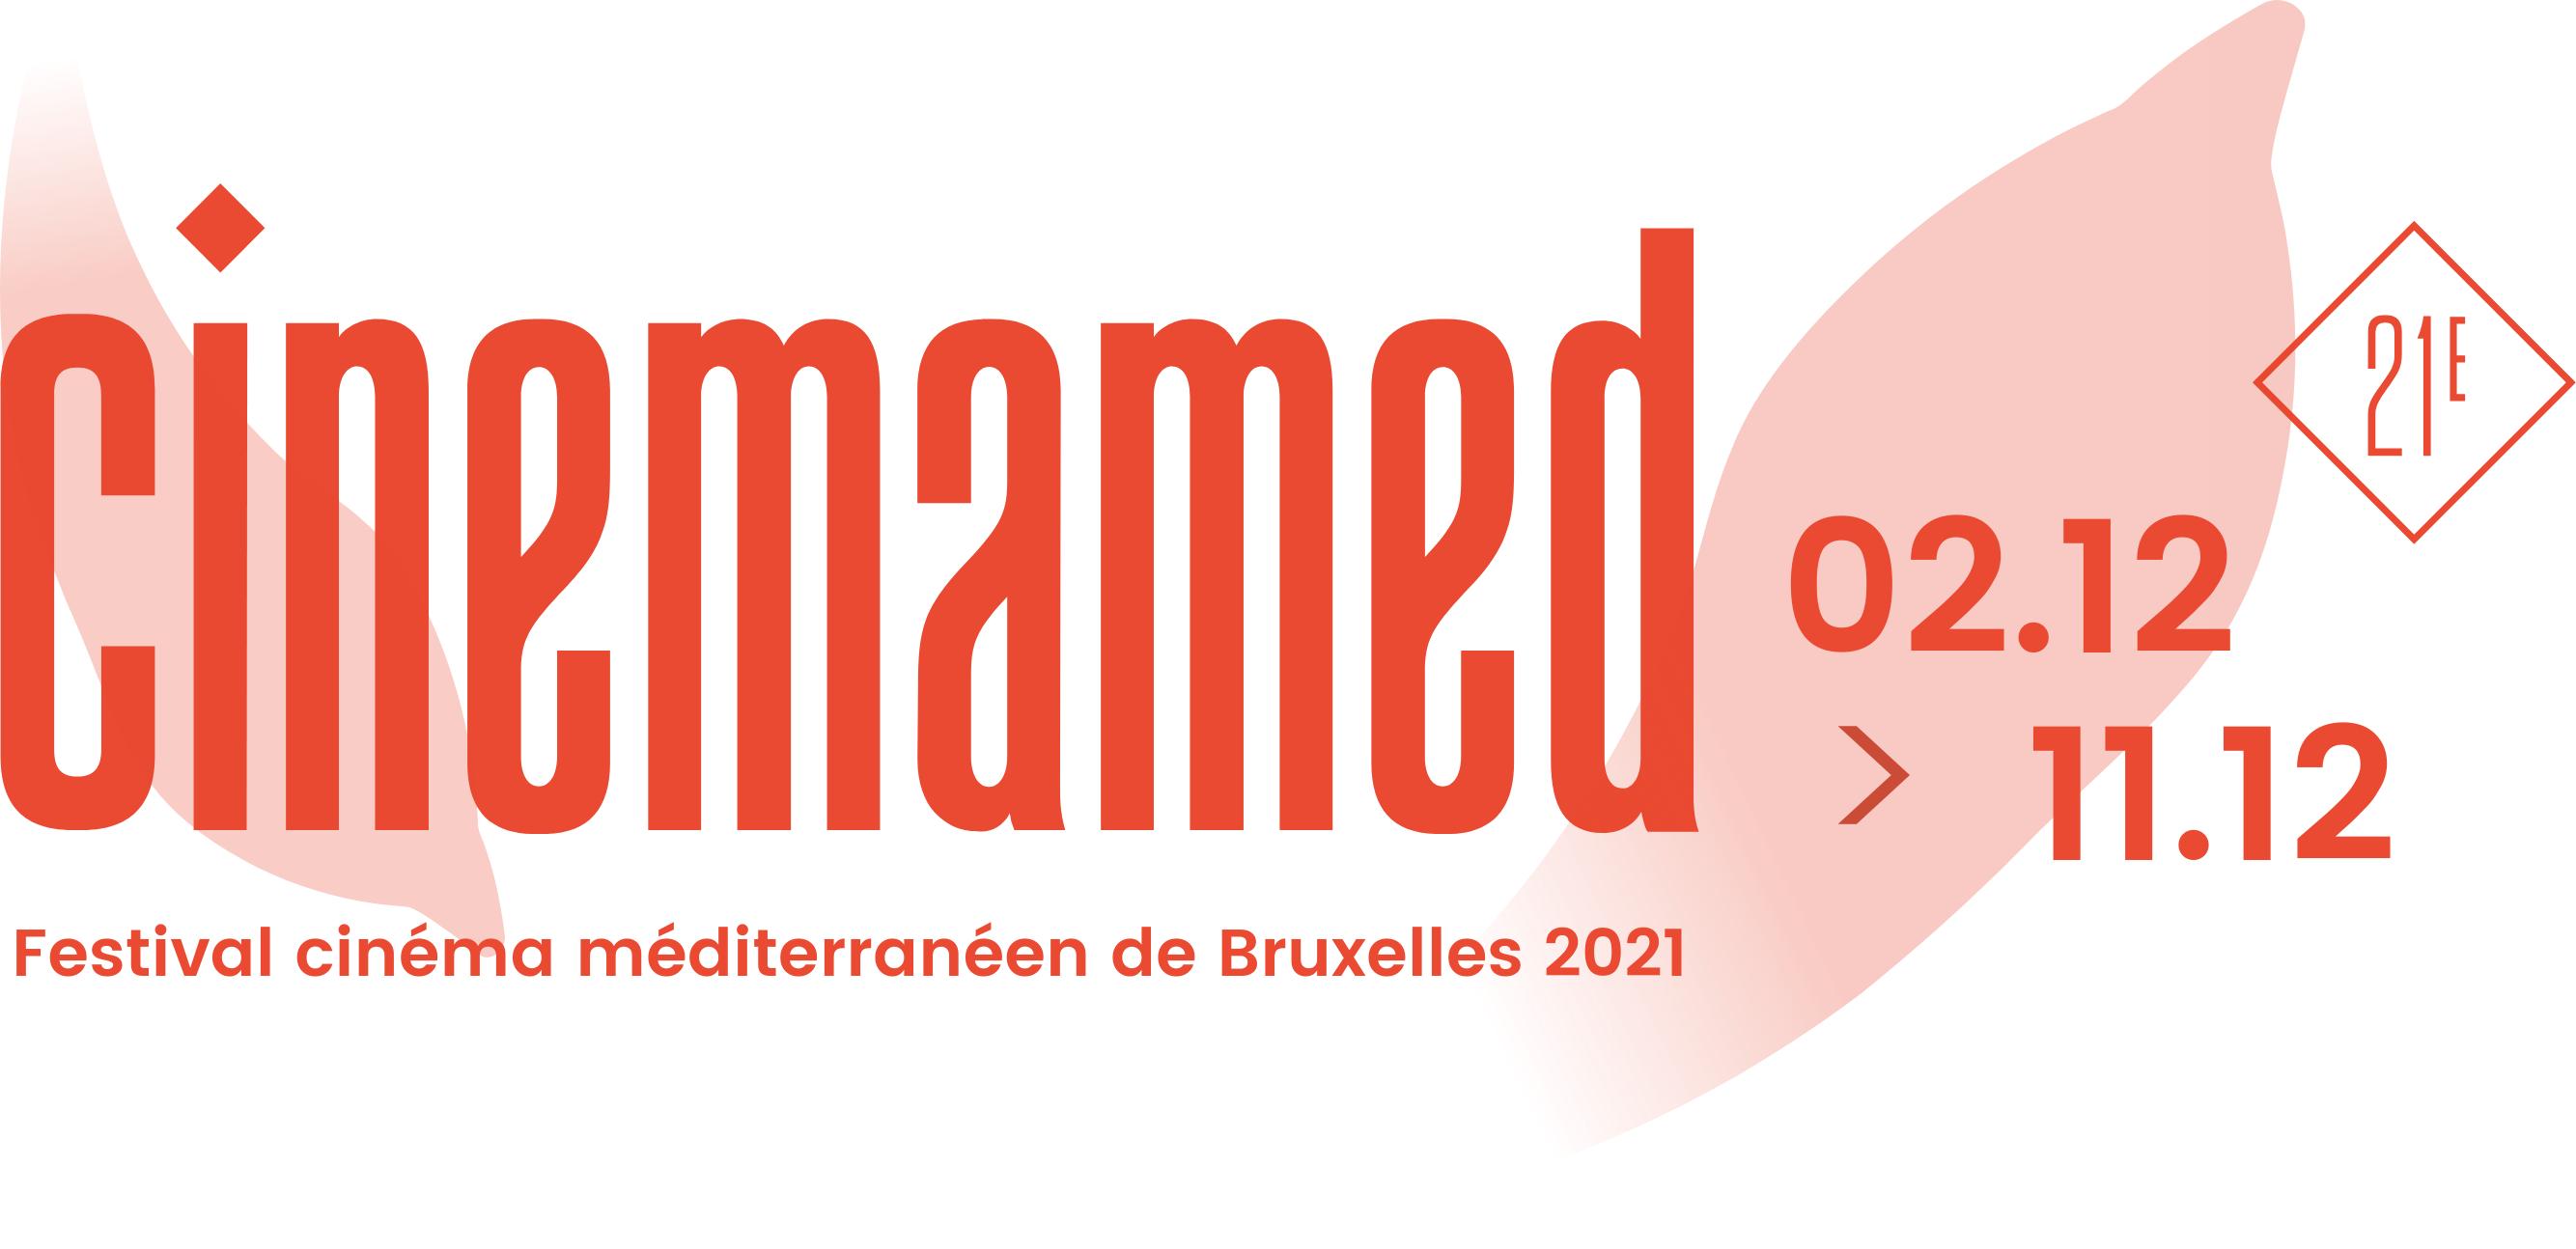 Festival Cinéma Méditerranéen de Bruxelles